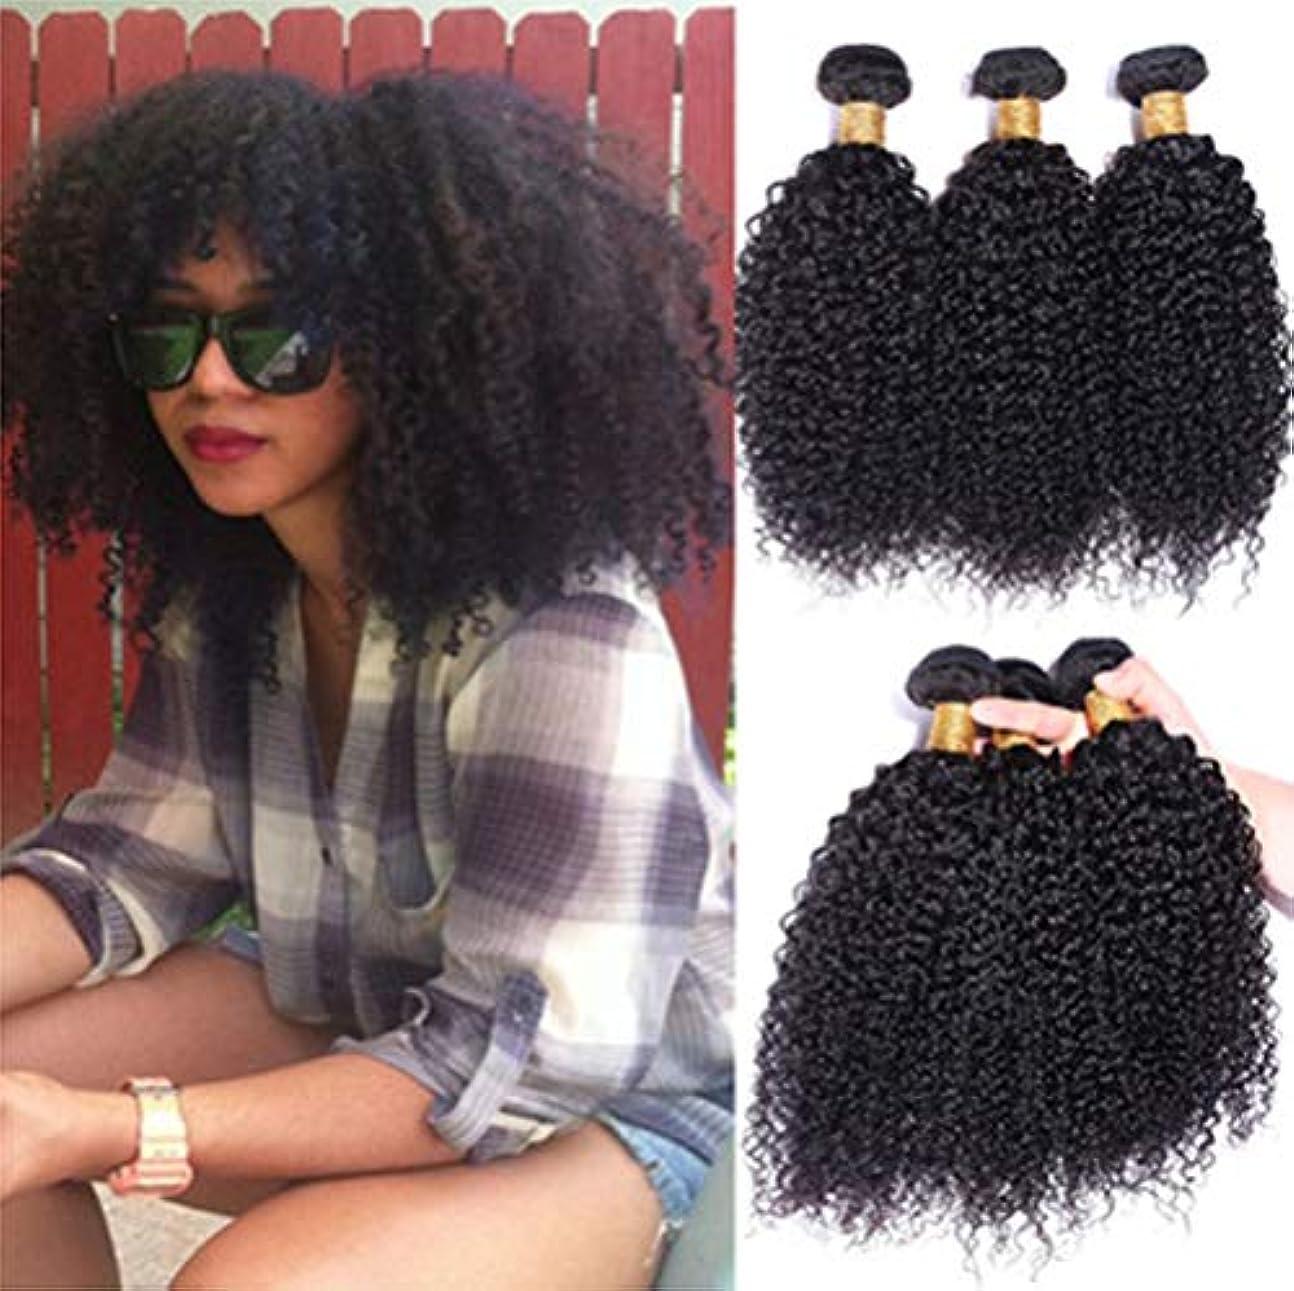 労苦彼女自身手のひら女性髪織り150%密度毛ブラジル巻き毛織り1バンドル8aグレードバージンレミー毛延長未処理